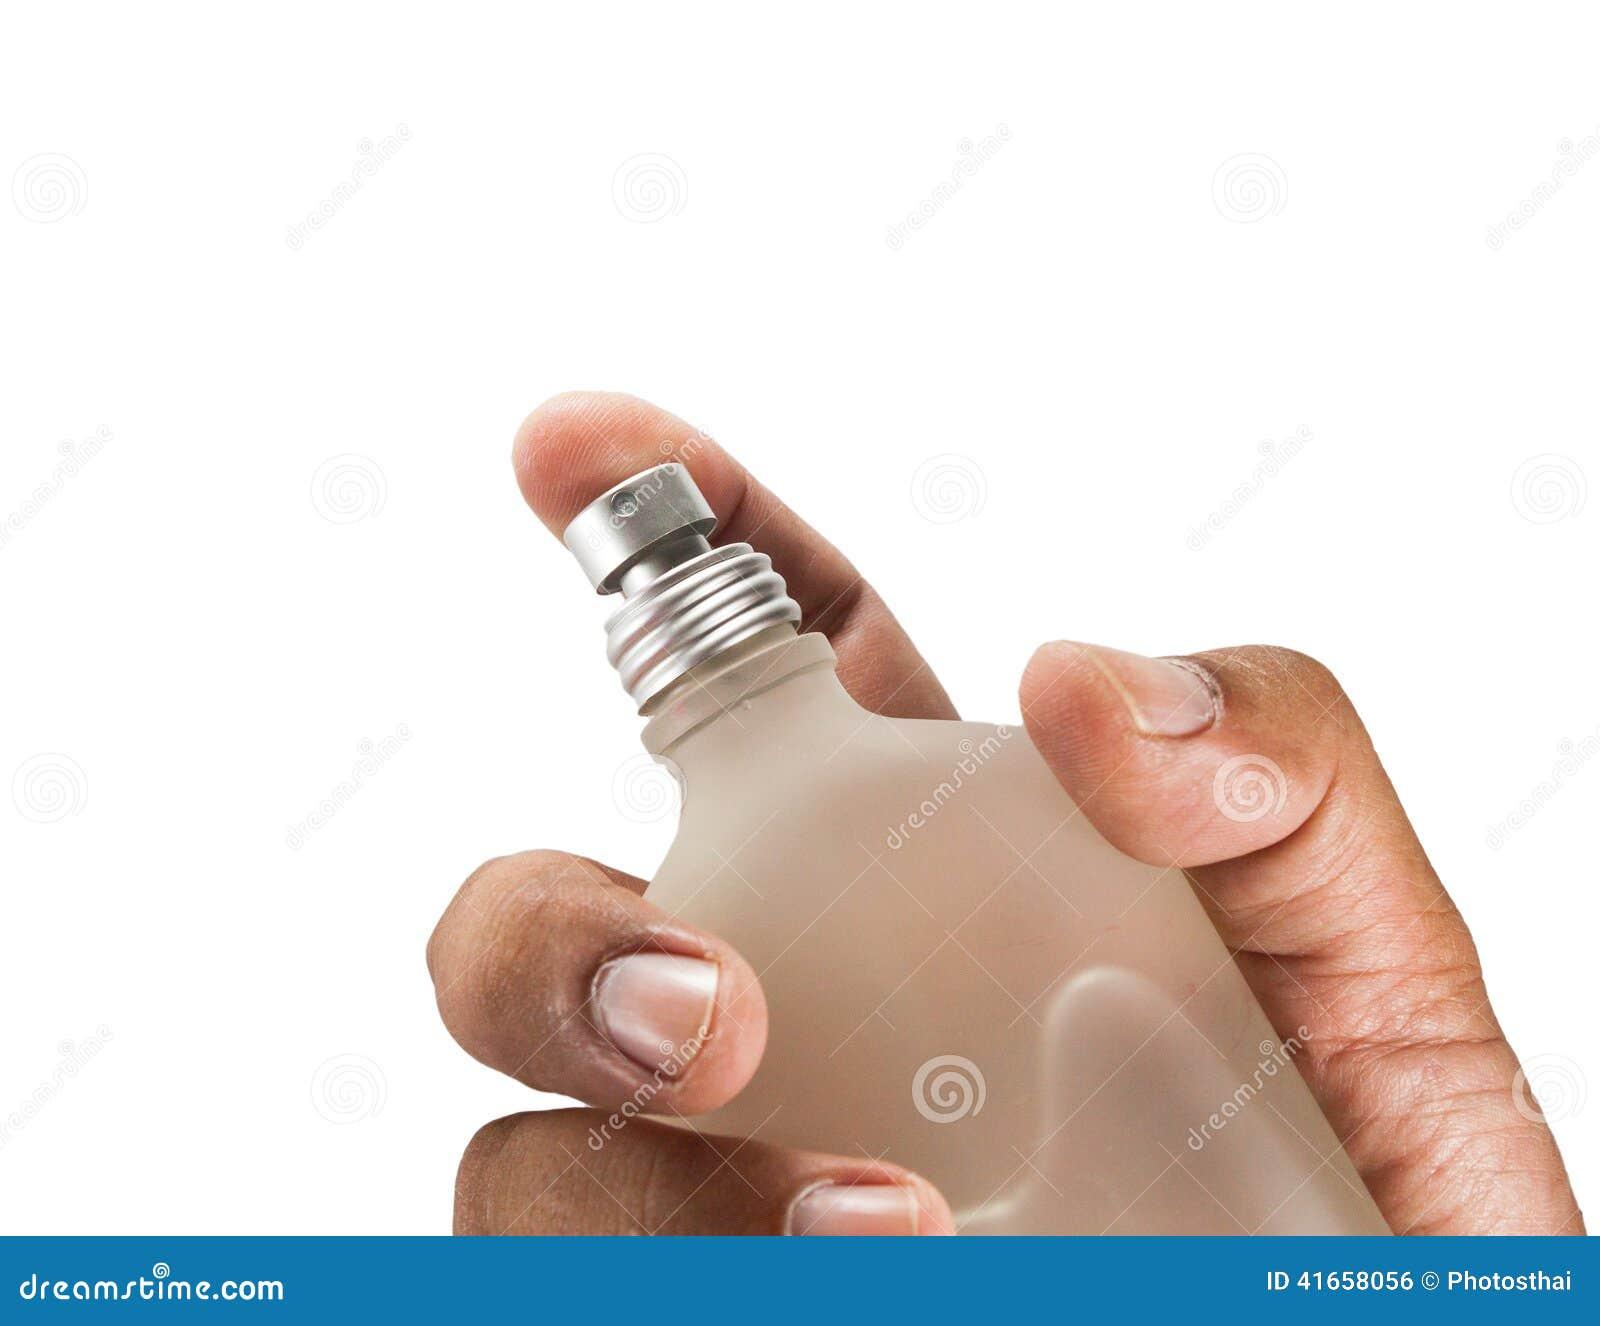 Руки человека с флаконом духов